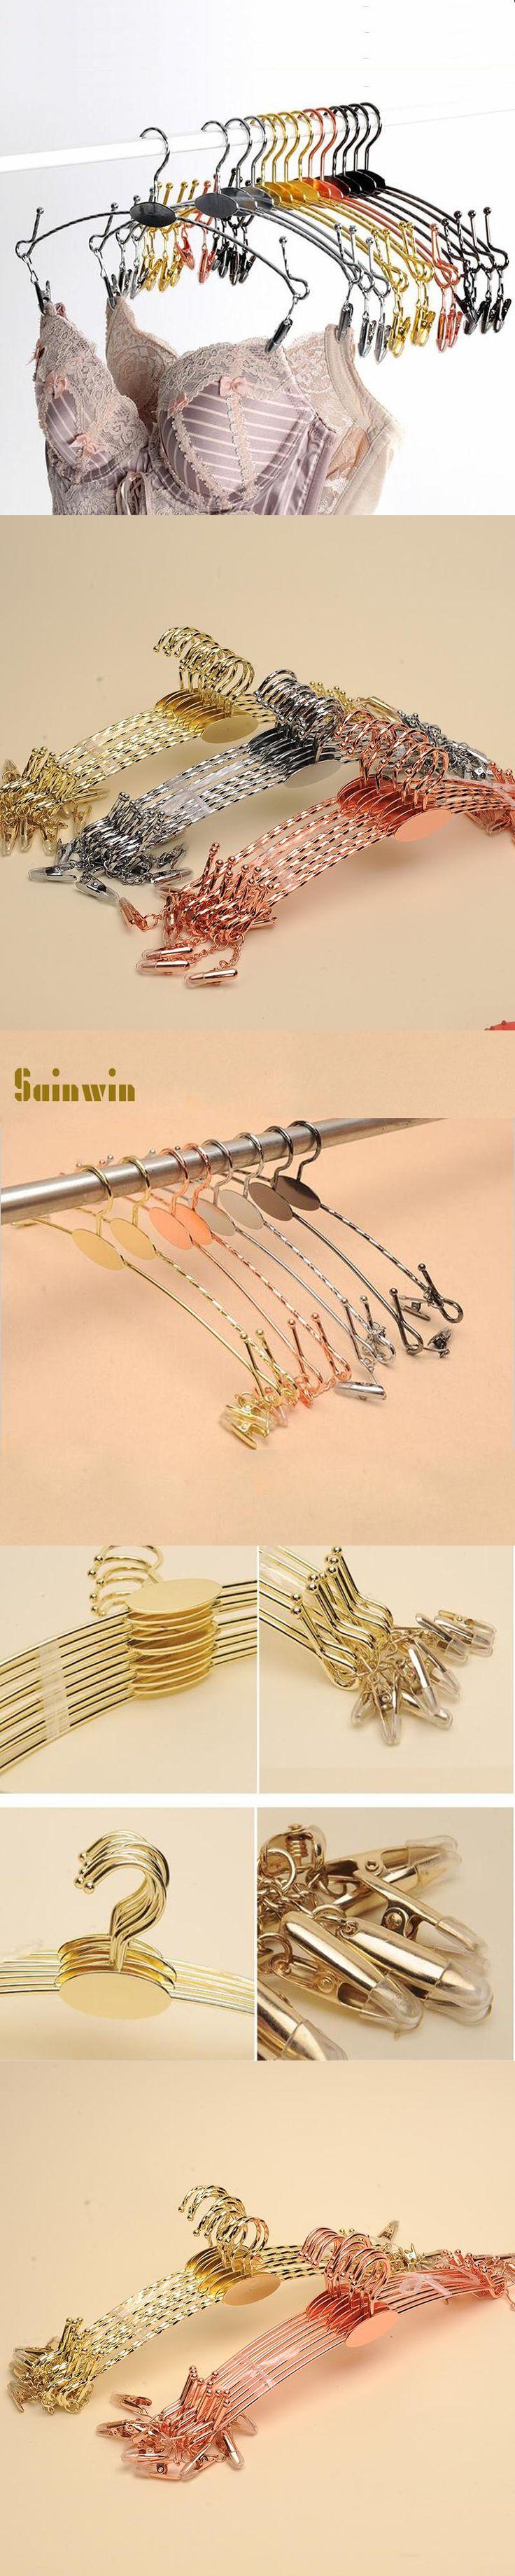 Sainwin 10pcs/lot 28cm Metal Hangers For Clothes Pants Clip Underwear Bra Hanger Panties Clips Clothes Rack (30pcs can LOGO)